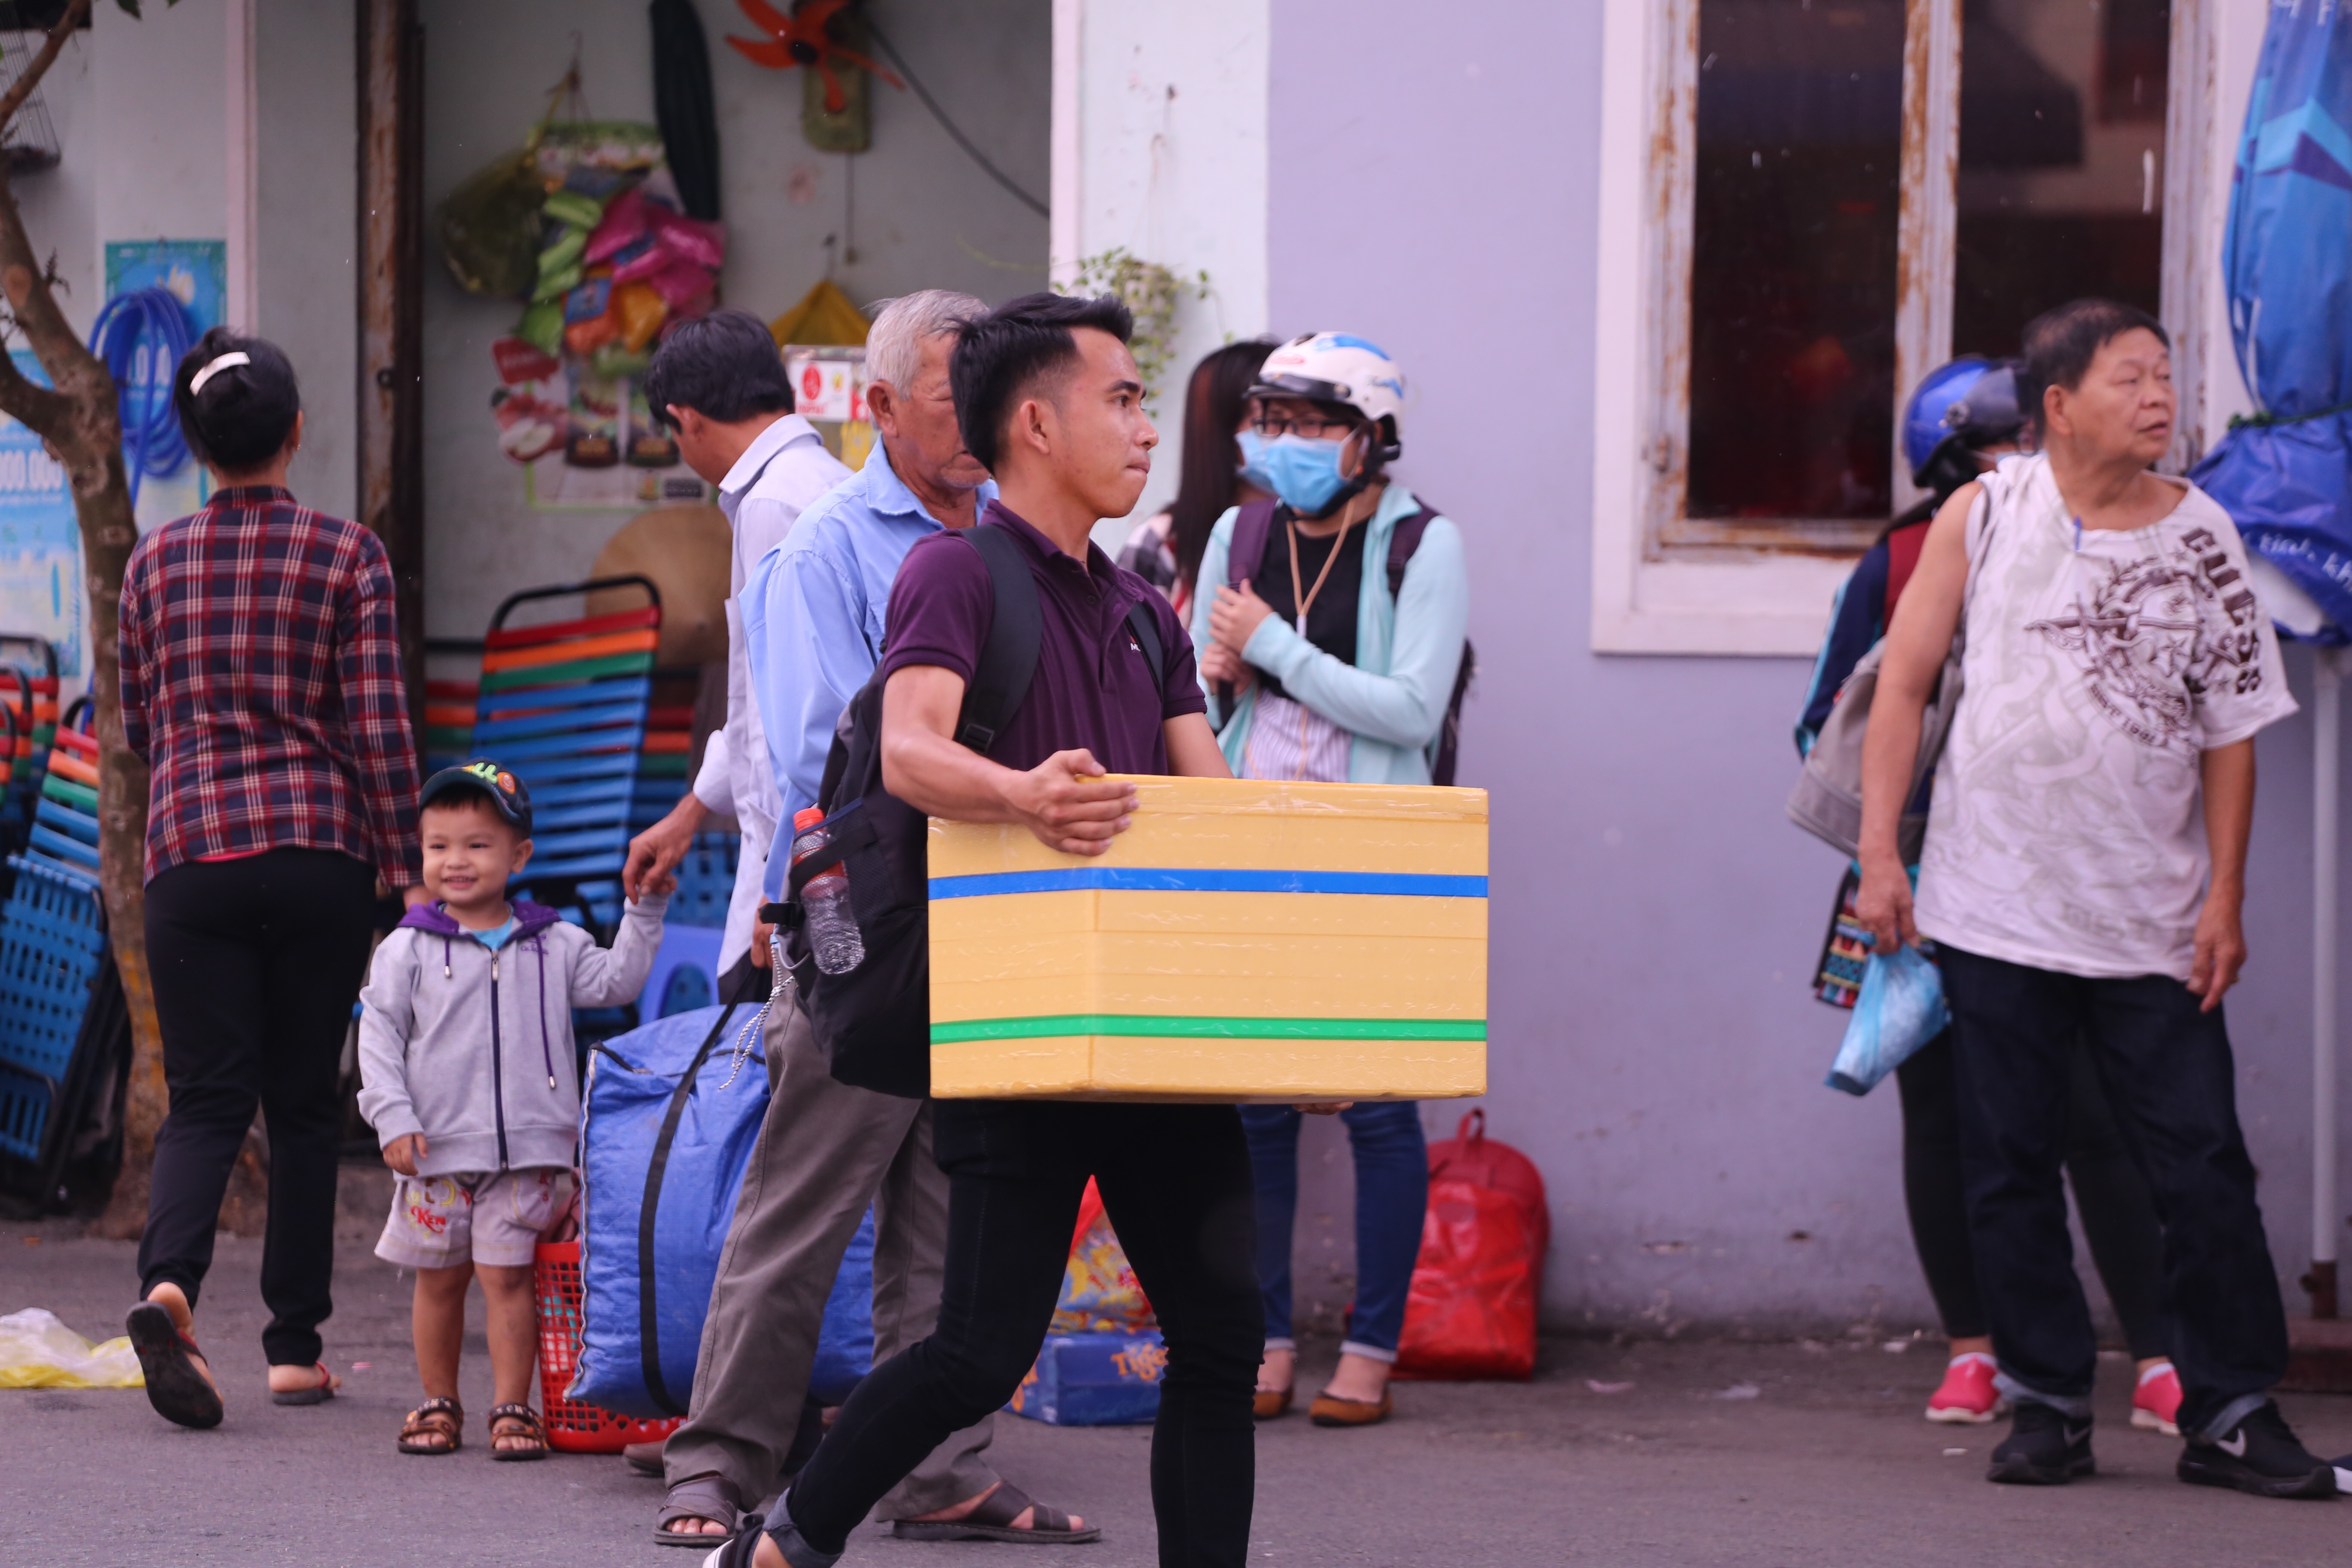 Kết thúc kỳ nghỉ lễ, người dân lỉnh kỉnh đồ đạc, mang theo trẻ nhỏ ùn ùn trở lại Hà Nội và Sài Gòn - Ảnh 27.